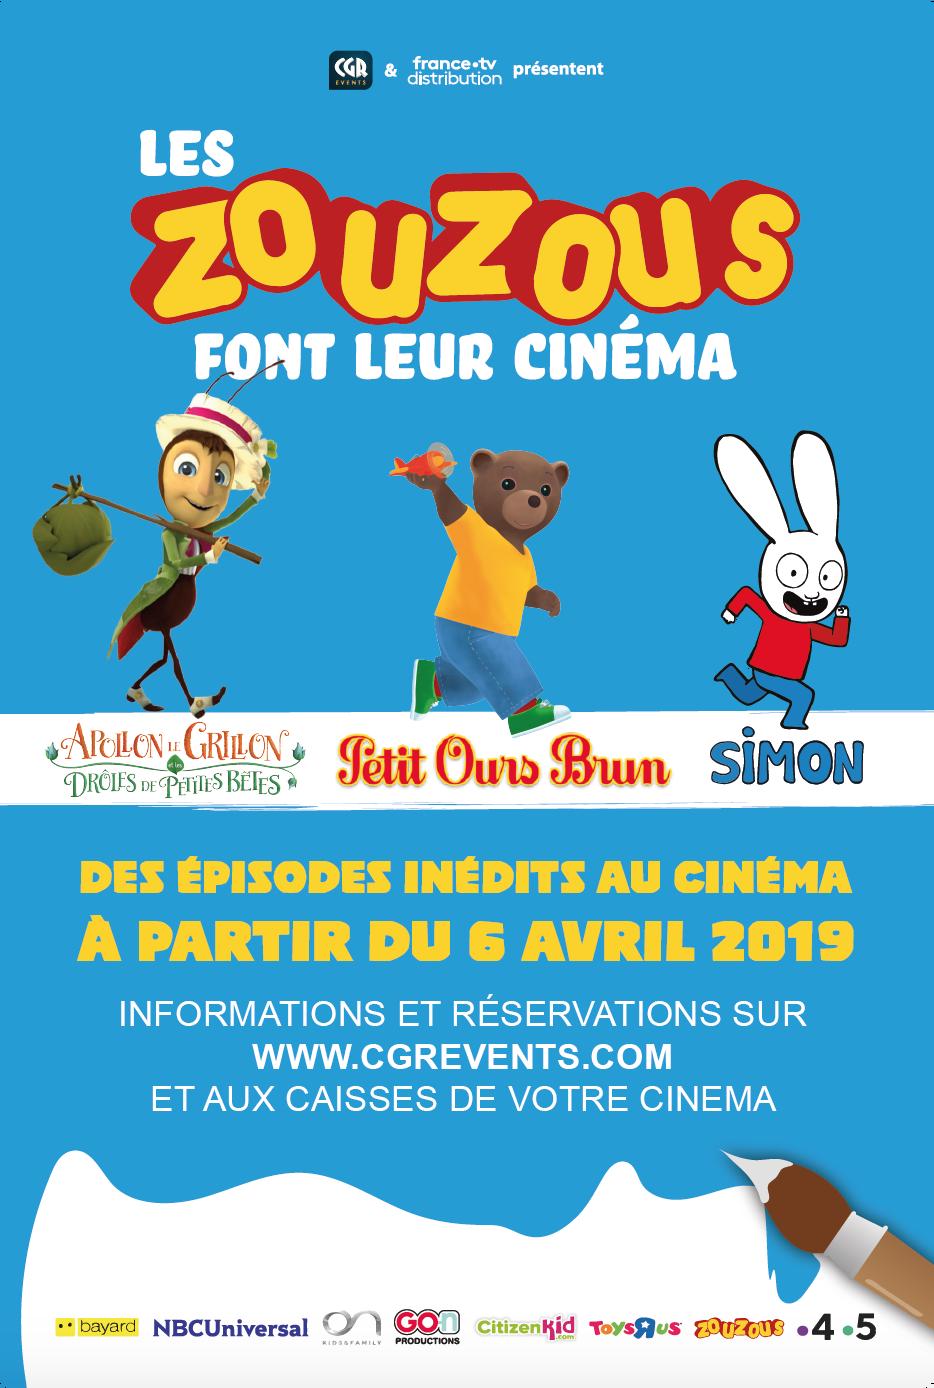 Les Zouzous font leur cinéma #2 (CGR Events)